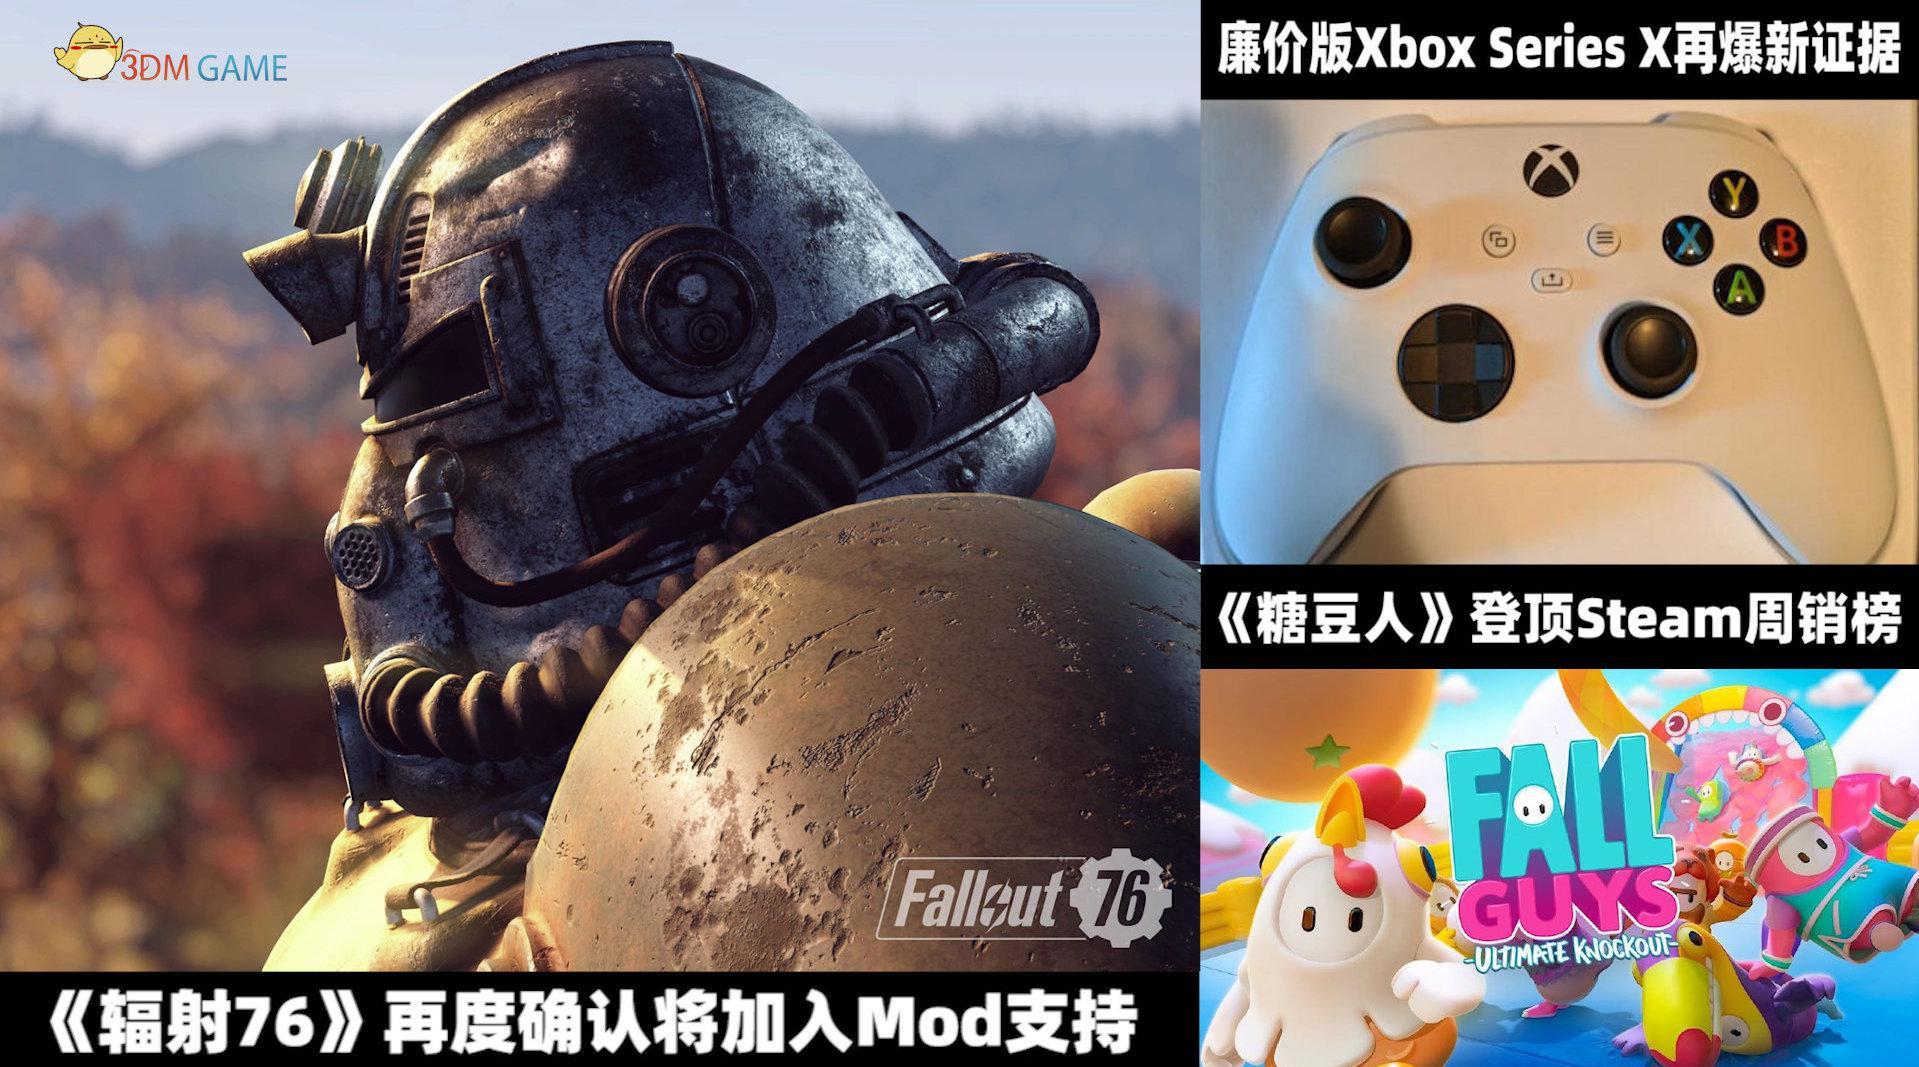 三分钟带你回顾最新游戏资讯 1、廉价版次世代Xbox主机再爆新证据